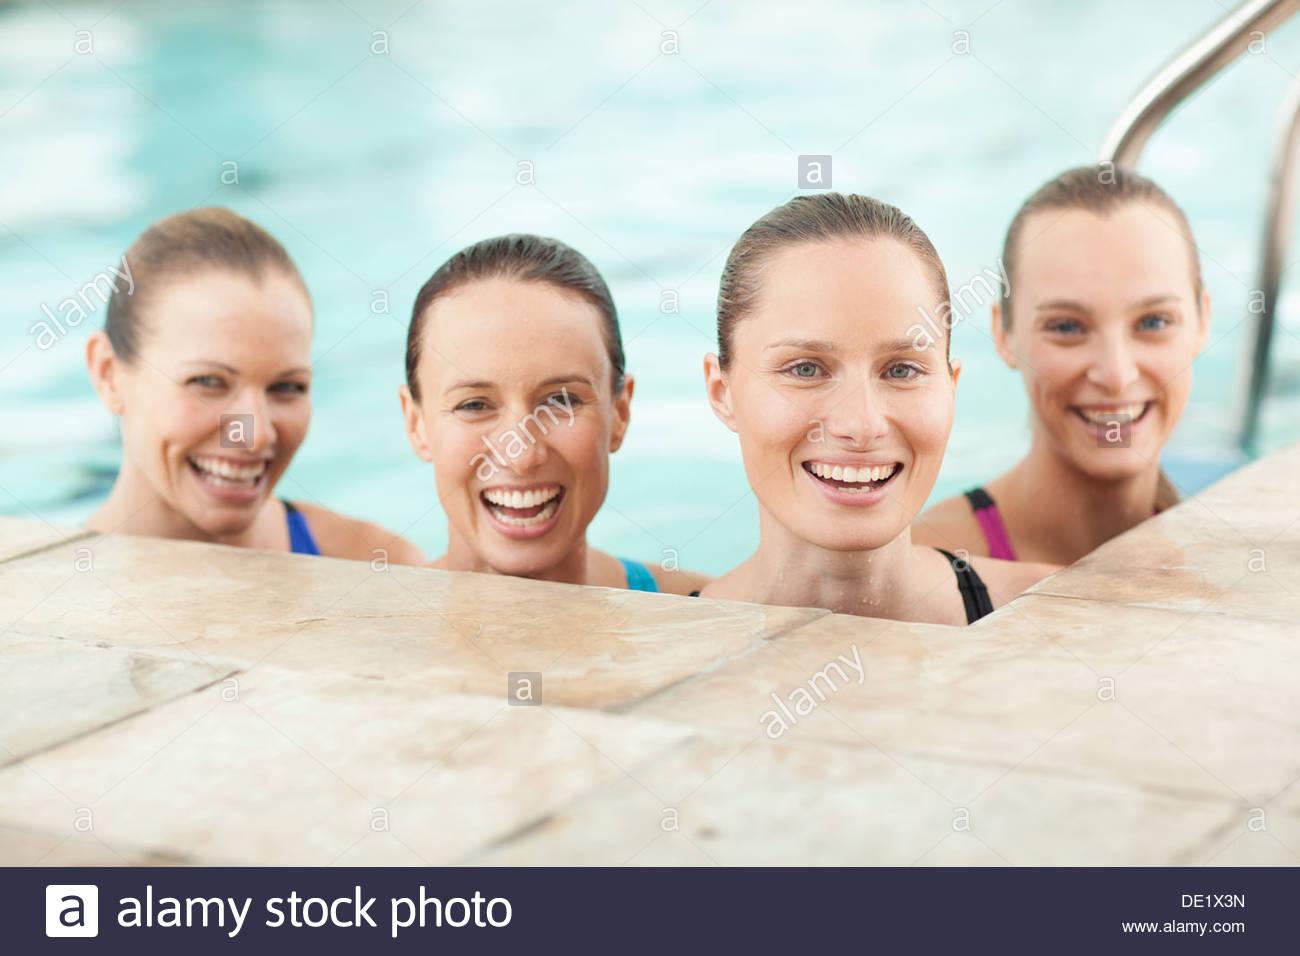 Porträt von lächelnden junge Frauen im Schwimmbad Stockfoto